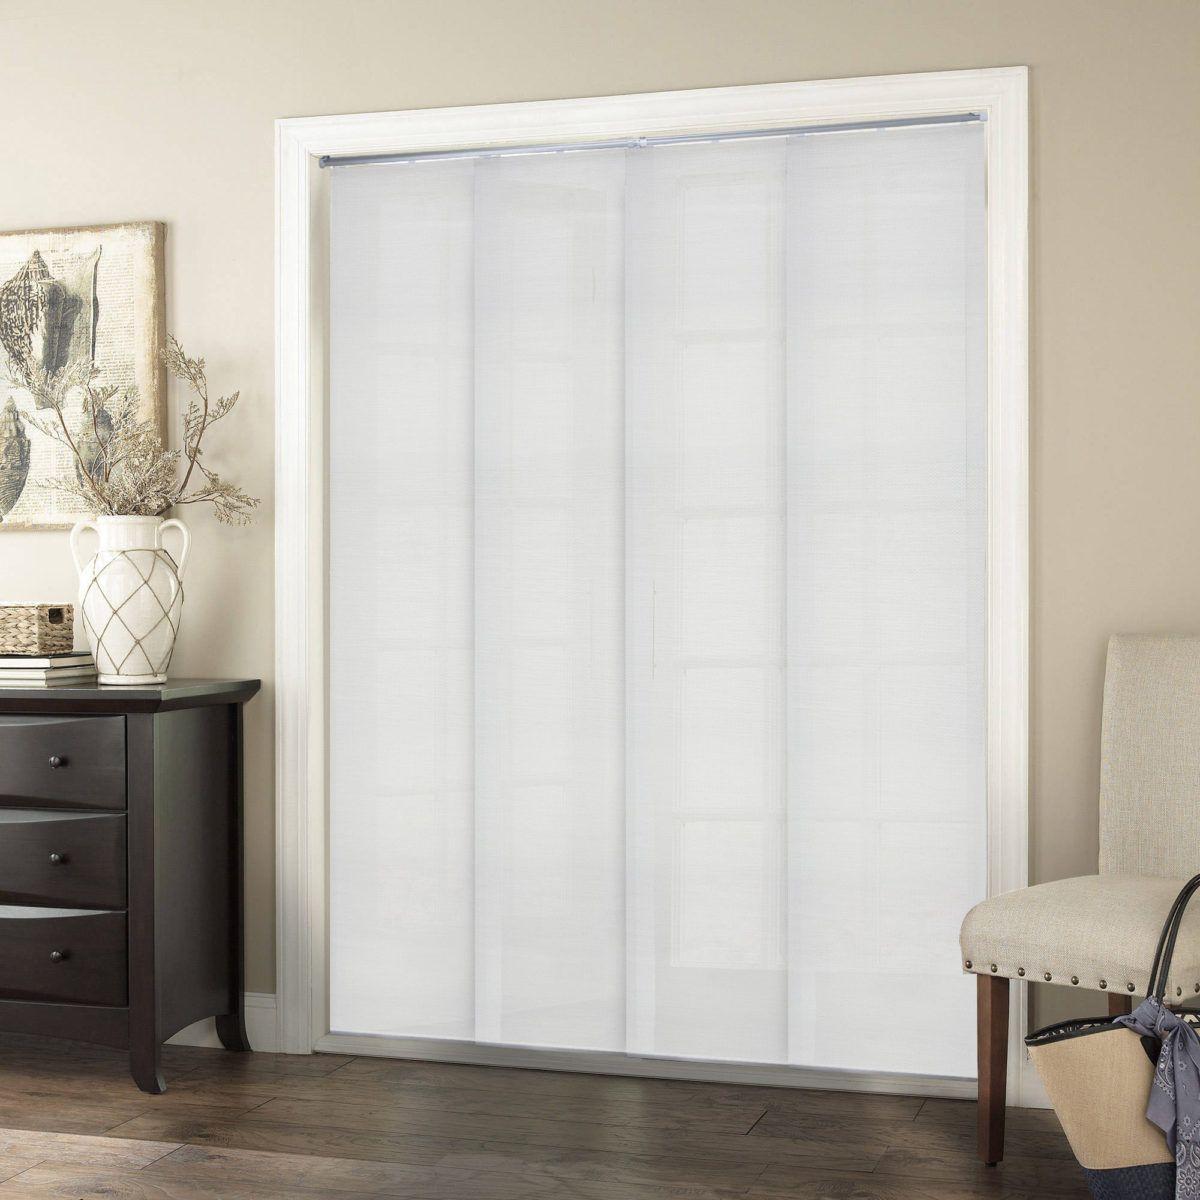 Door window coverings  drspbw  home renovation  pinterest  birch patio doors and